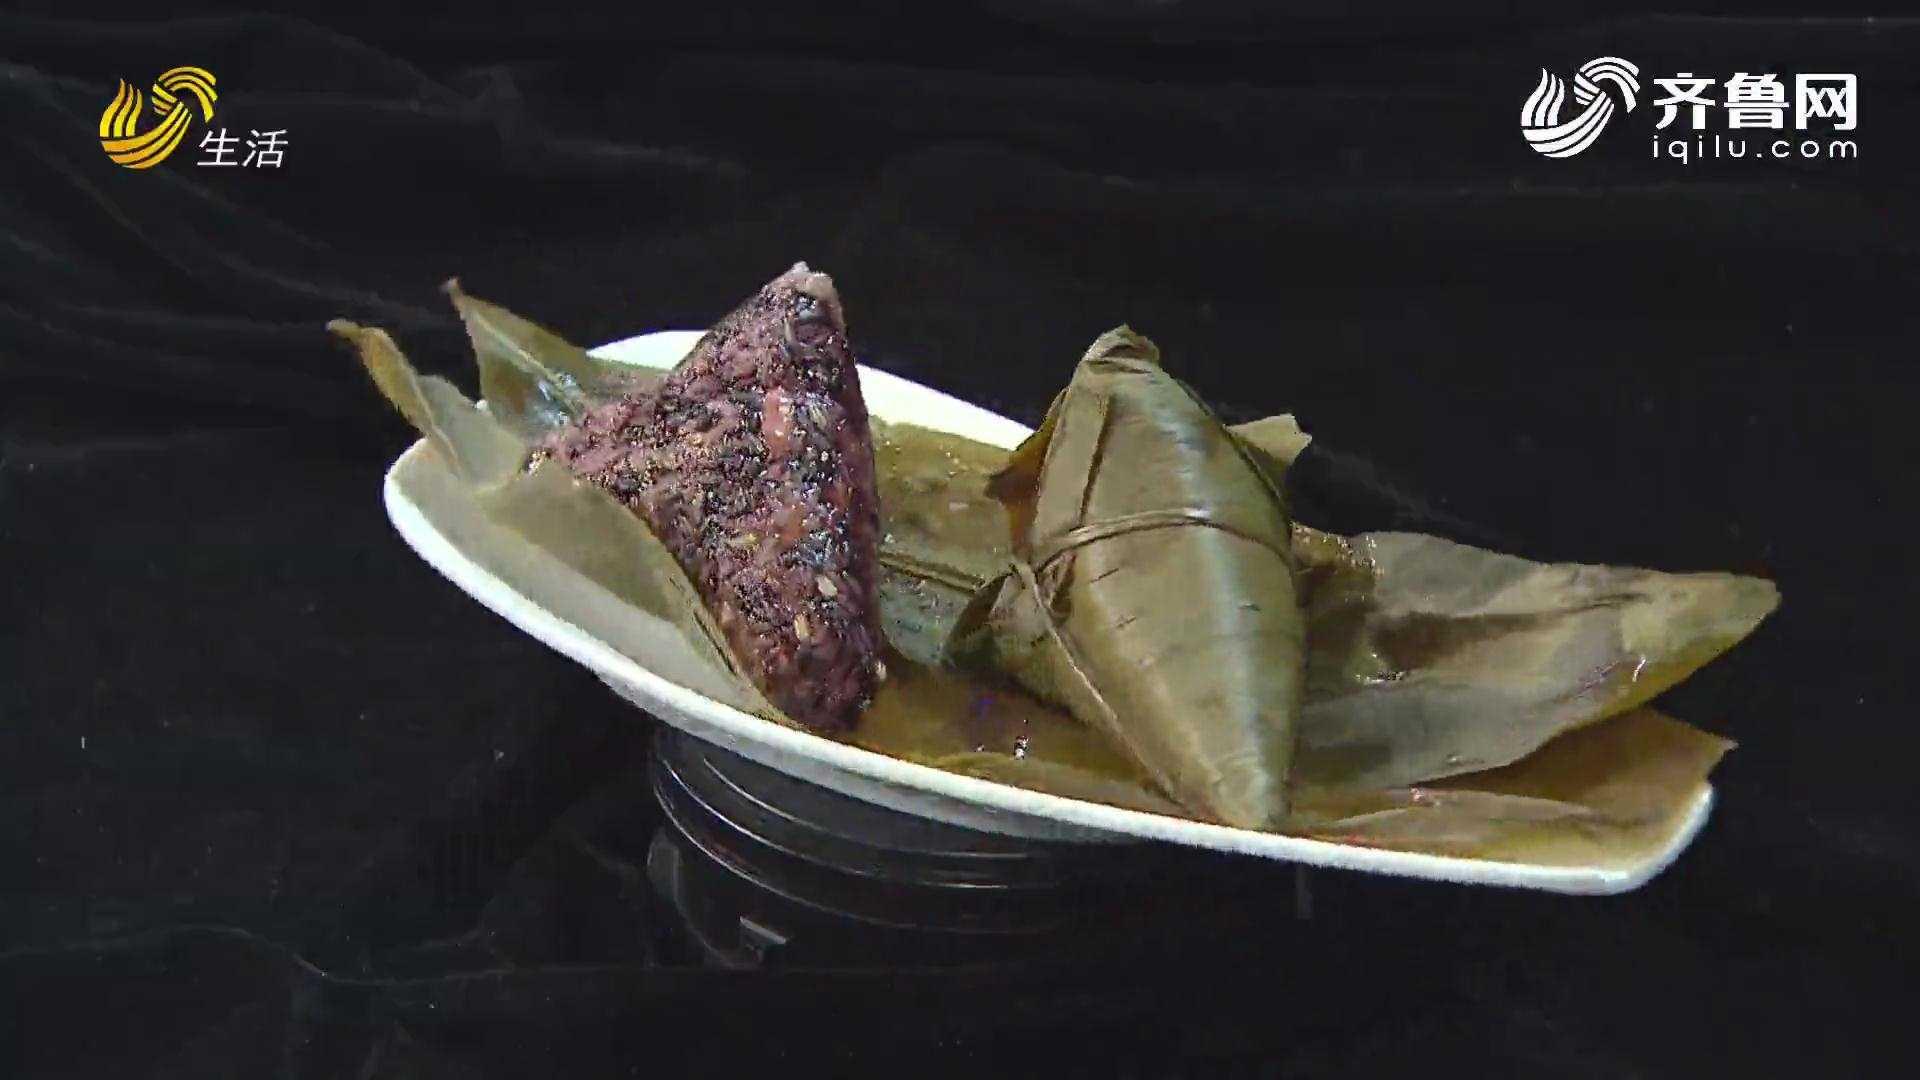 《非尝不可》之非尝美食:如何自制营养丰富的八宝粽子